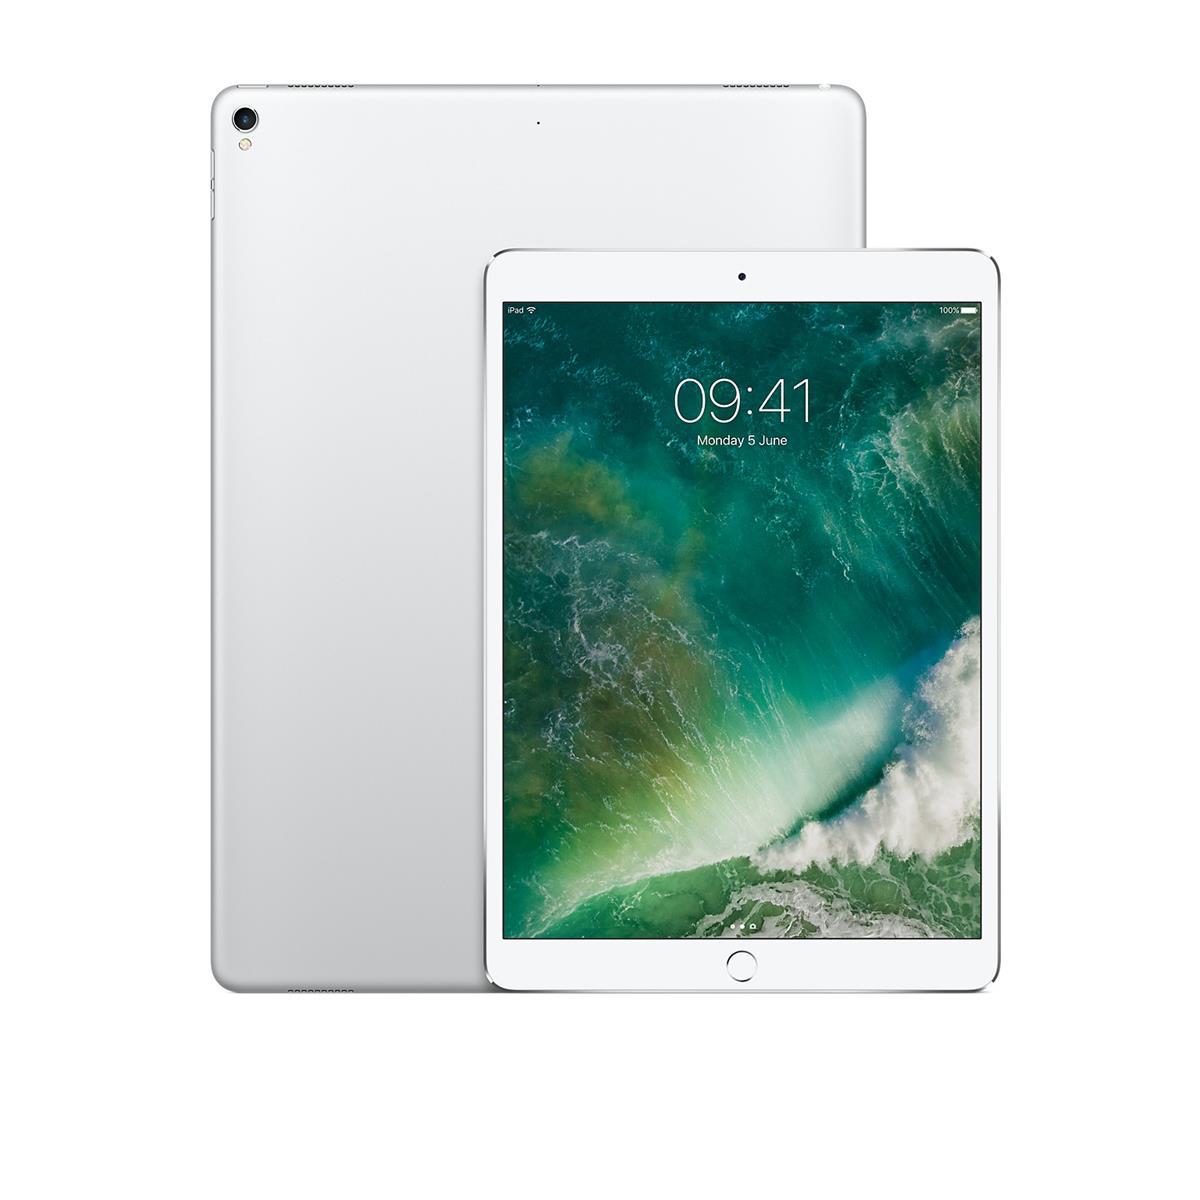 Apple iPad Pro A10X Processor Cellular Wi-Fi 256GB 10.5 in Retina Display Touch ID Silver Ref MPHH2B/A